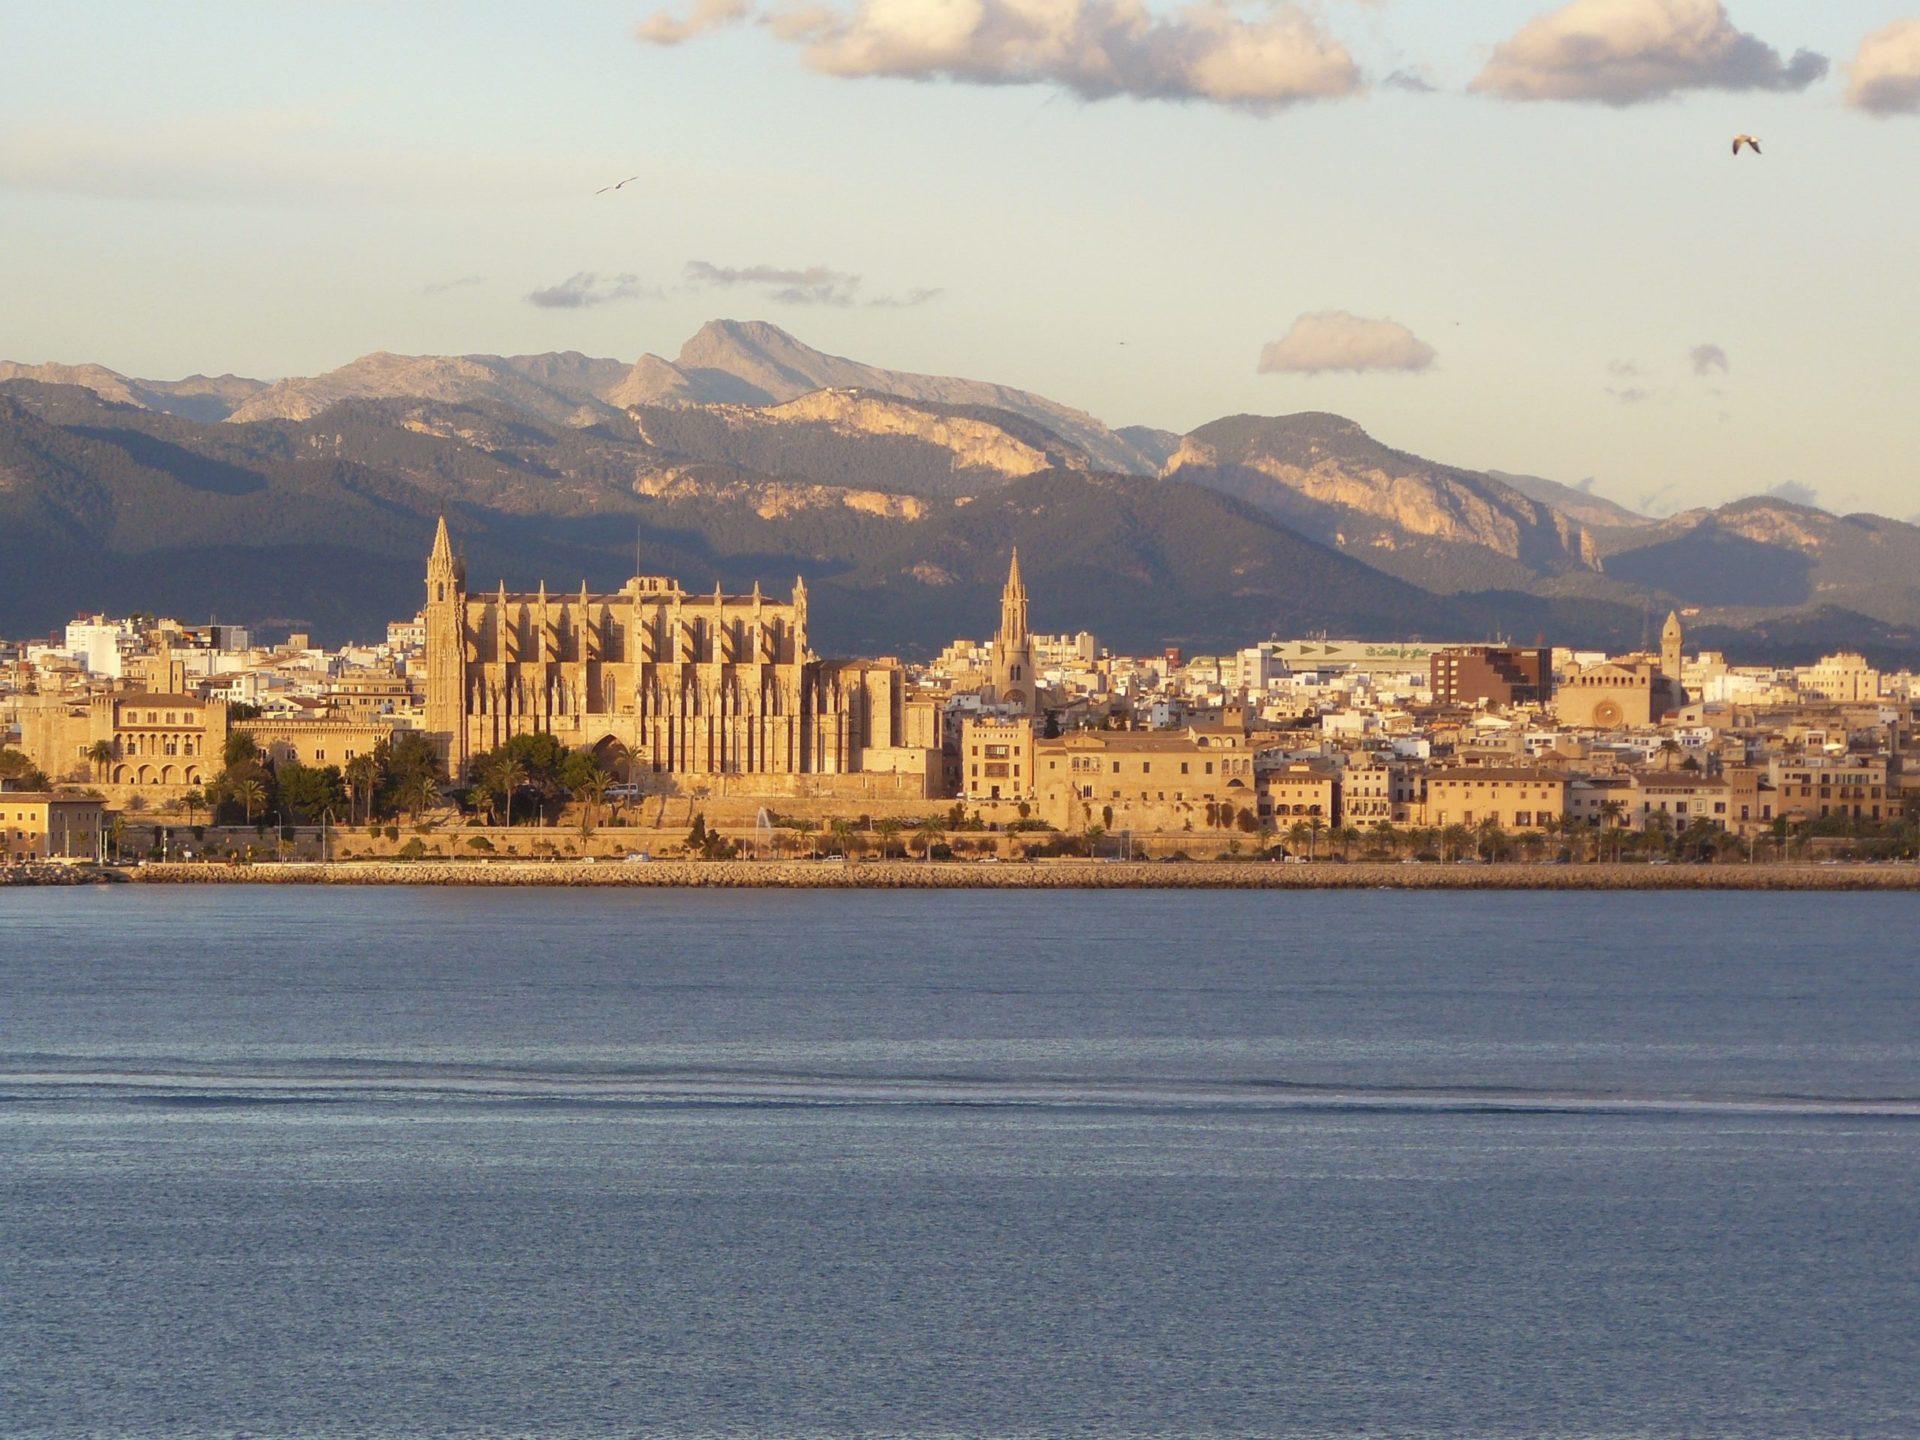 Wassertemperatur Palma de Mallorca: Blick vom Mittelmeer auf Palma de Mallorca, etwas links der Bildmitte die Kathedrale von Palma, in der Bildmitte der Kirchturm von Iglesia de Santa Eulàlia, im Hintergrund das Tramuntana-Gebirge